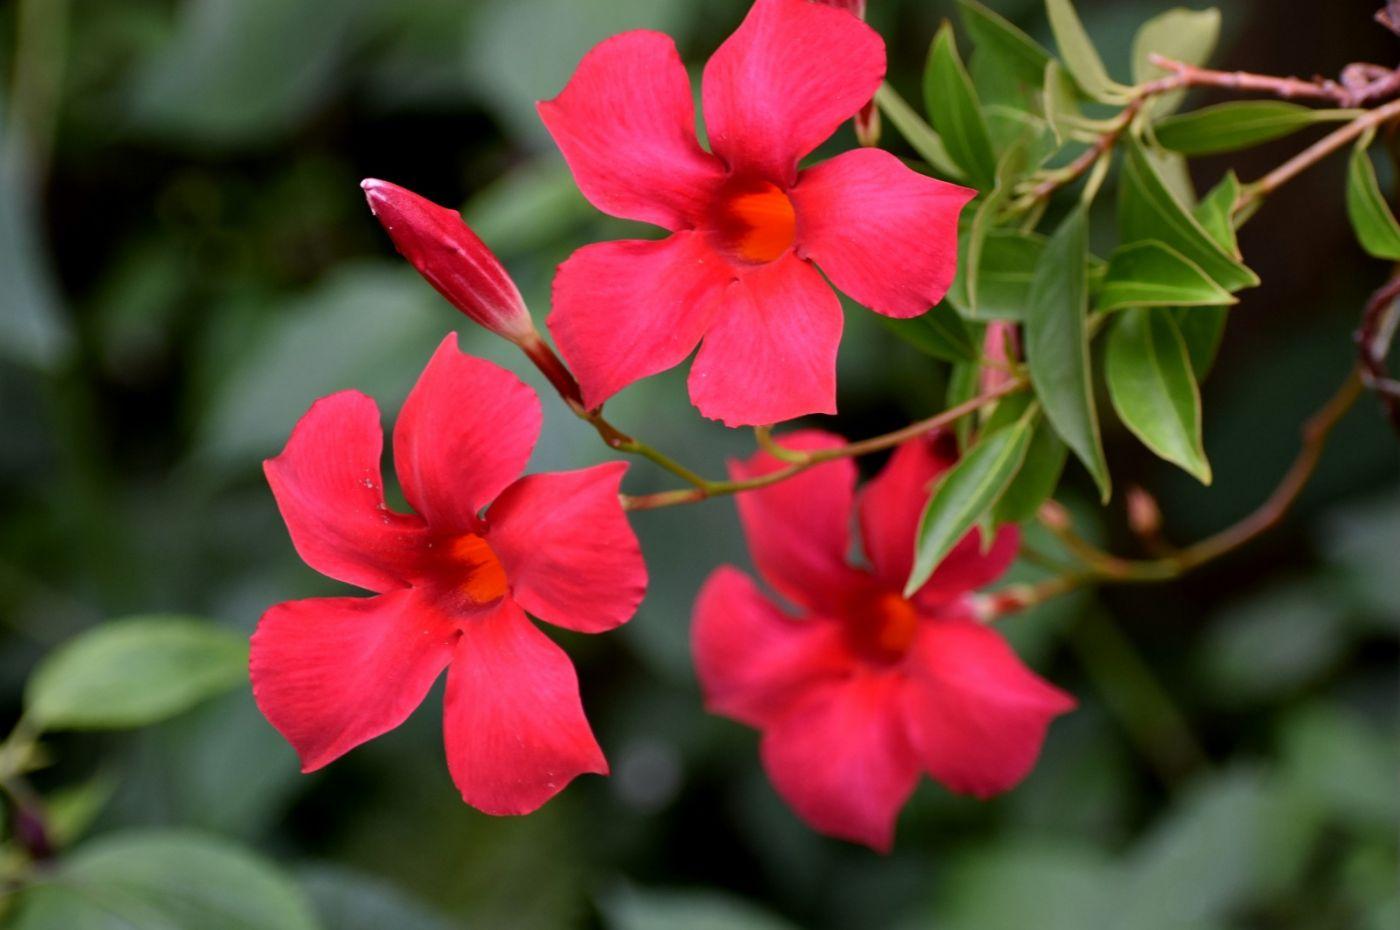 紫蝉和红蝉_图1-24